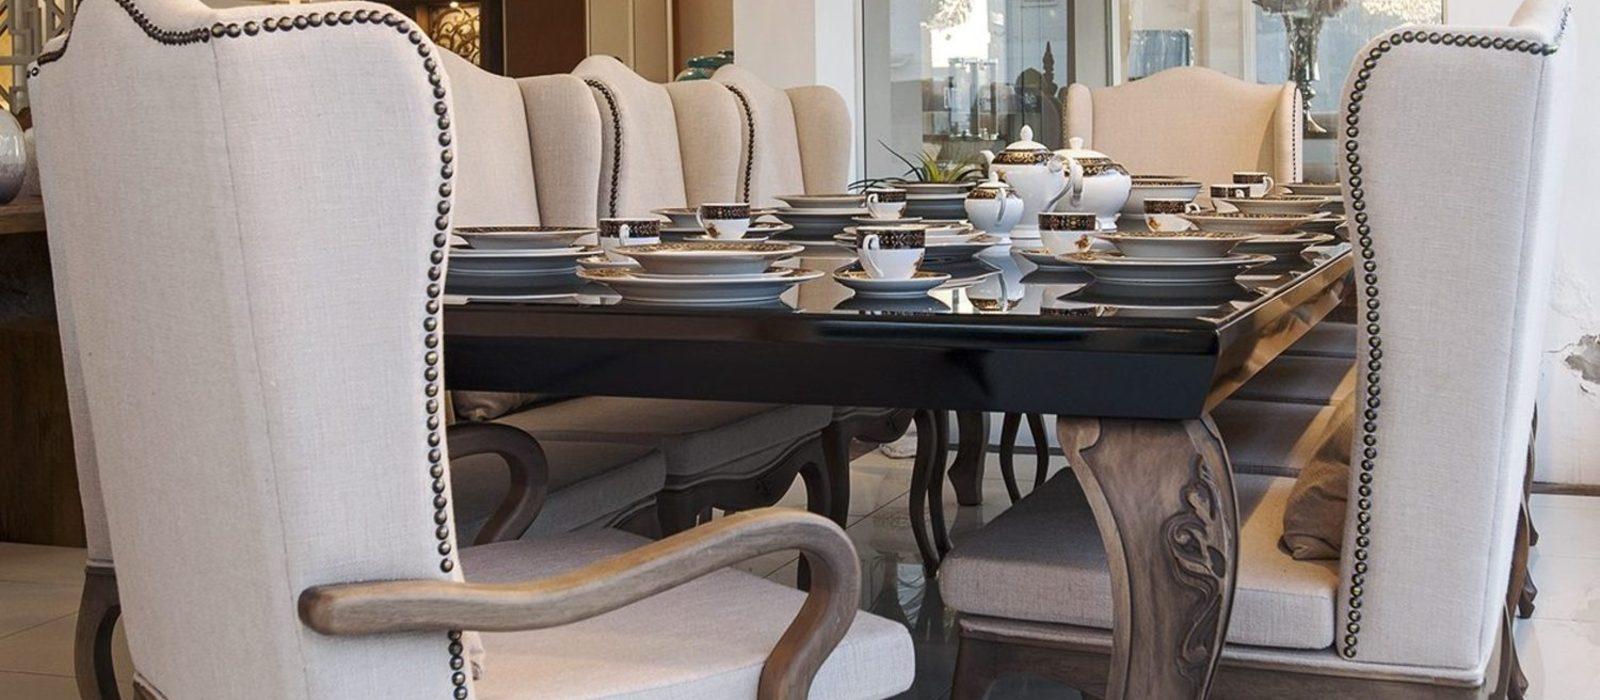 Mesas e cadeiras de Jantar